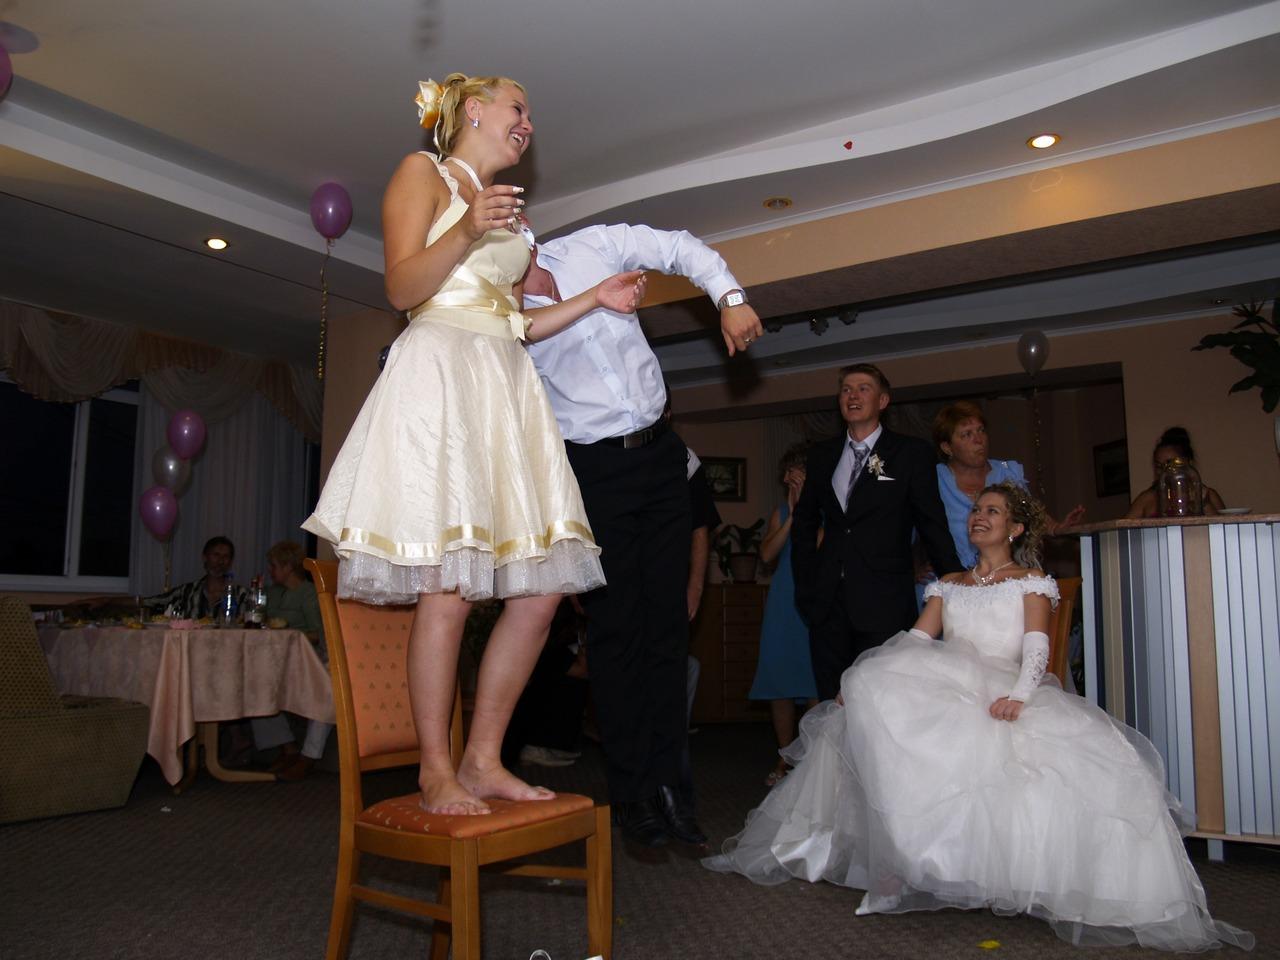 кража невесты конкурс для жениха и невесты образом они